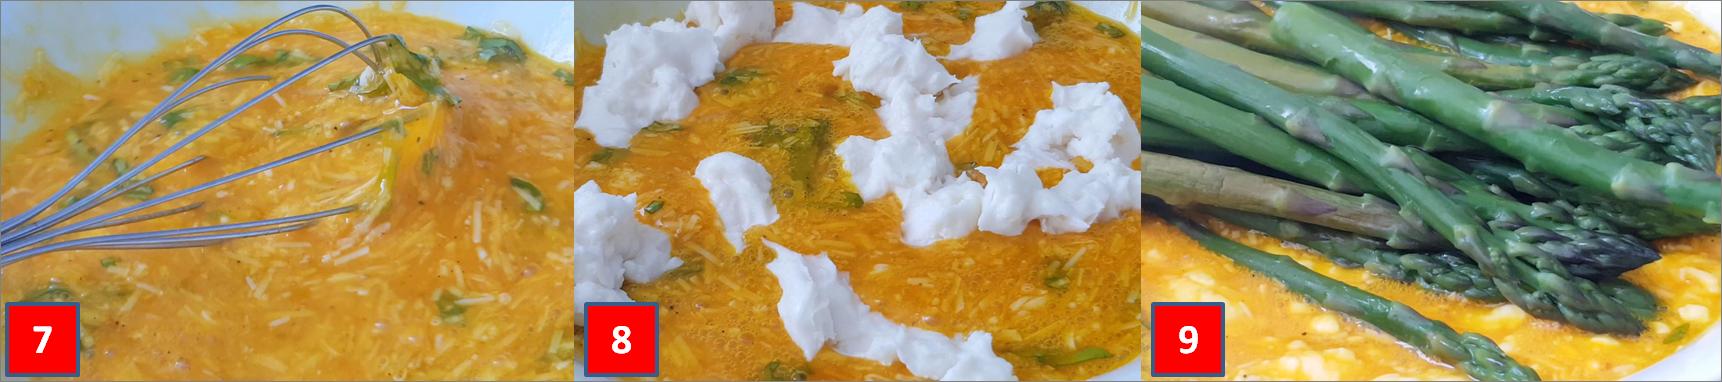 Ricetta passo passo torta salata di asparagi e crescenza2